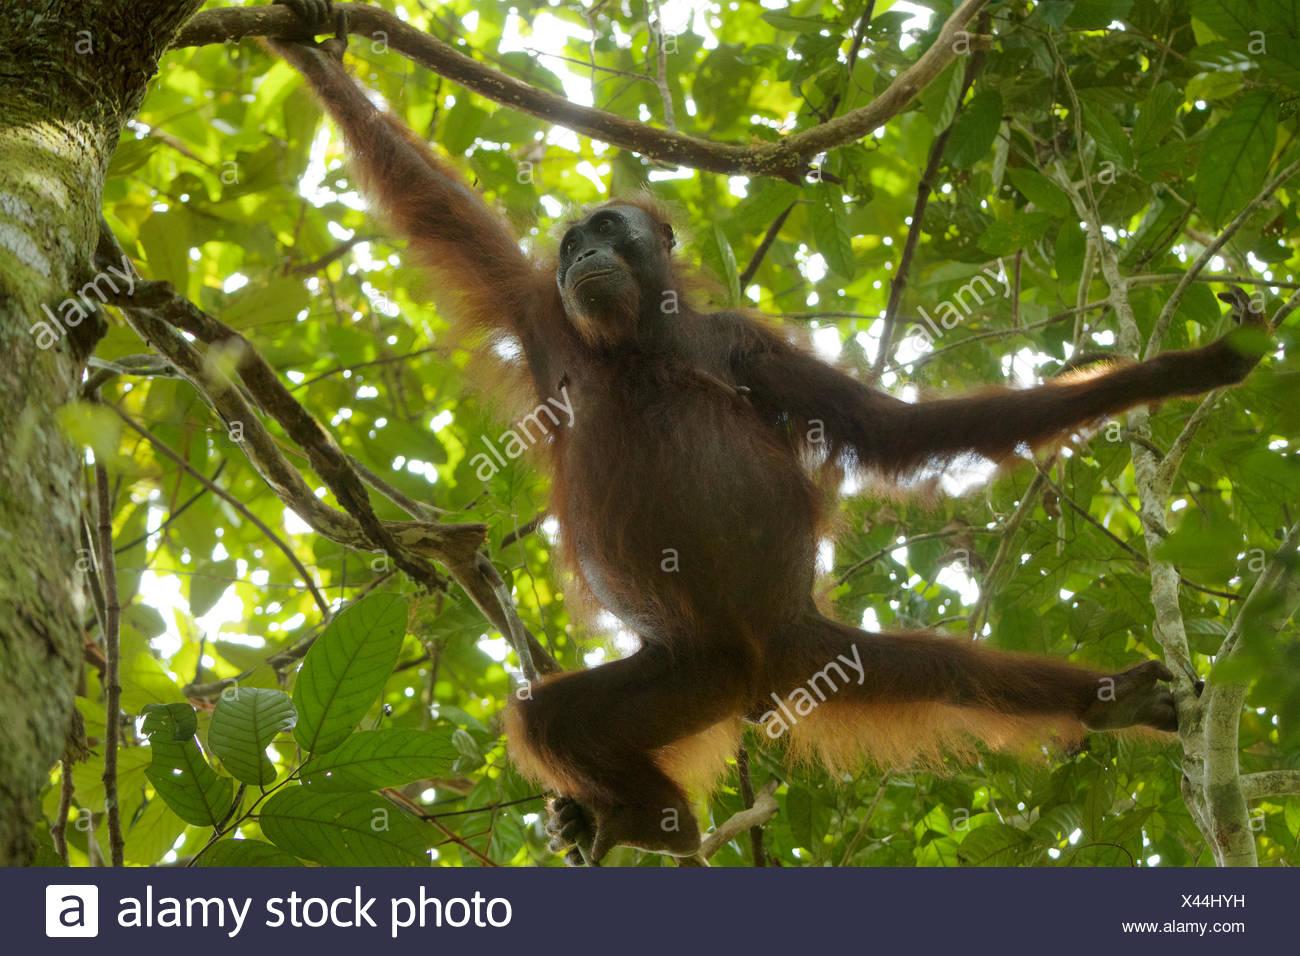 Eine weibliche Bornean Orangutan, Pongo Pygmaeus Wurmbii, Kletterbäume in Gunung Palung Nationalpark. Stockbild